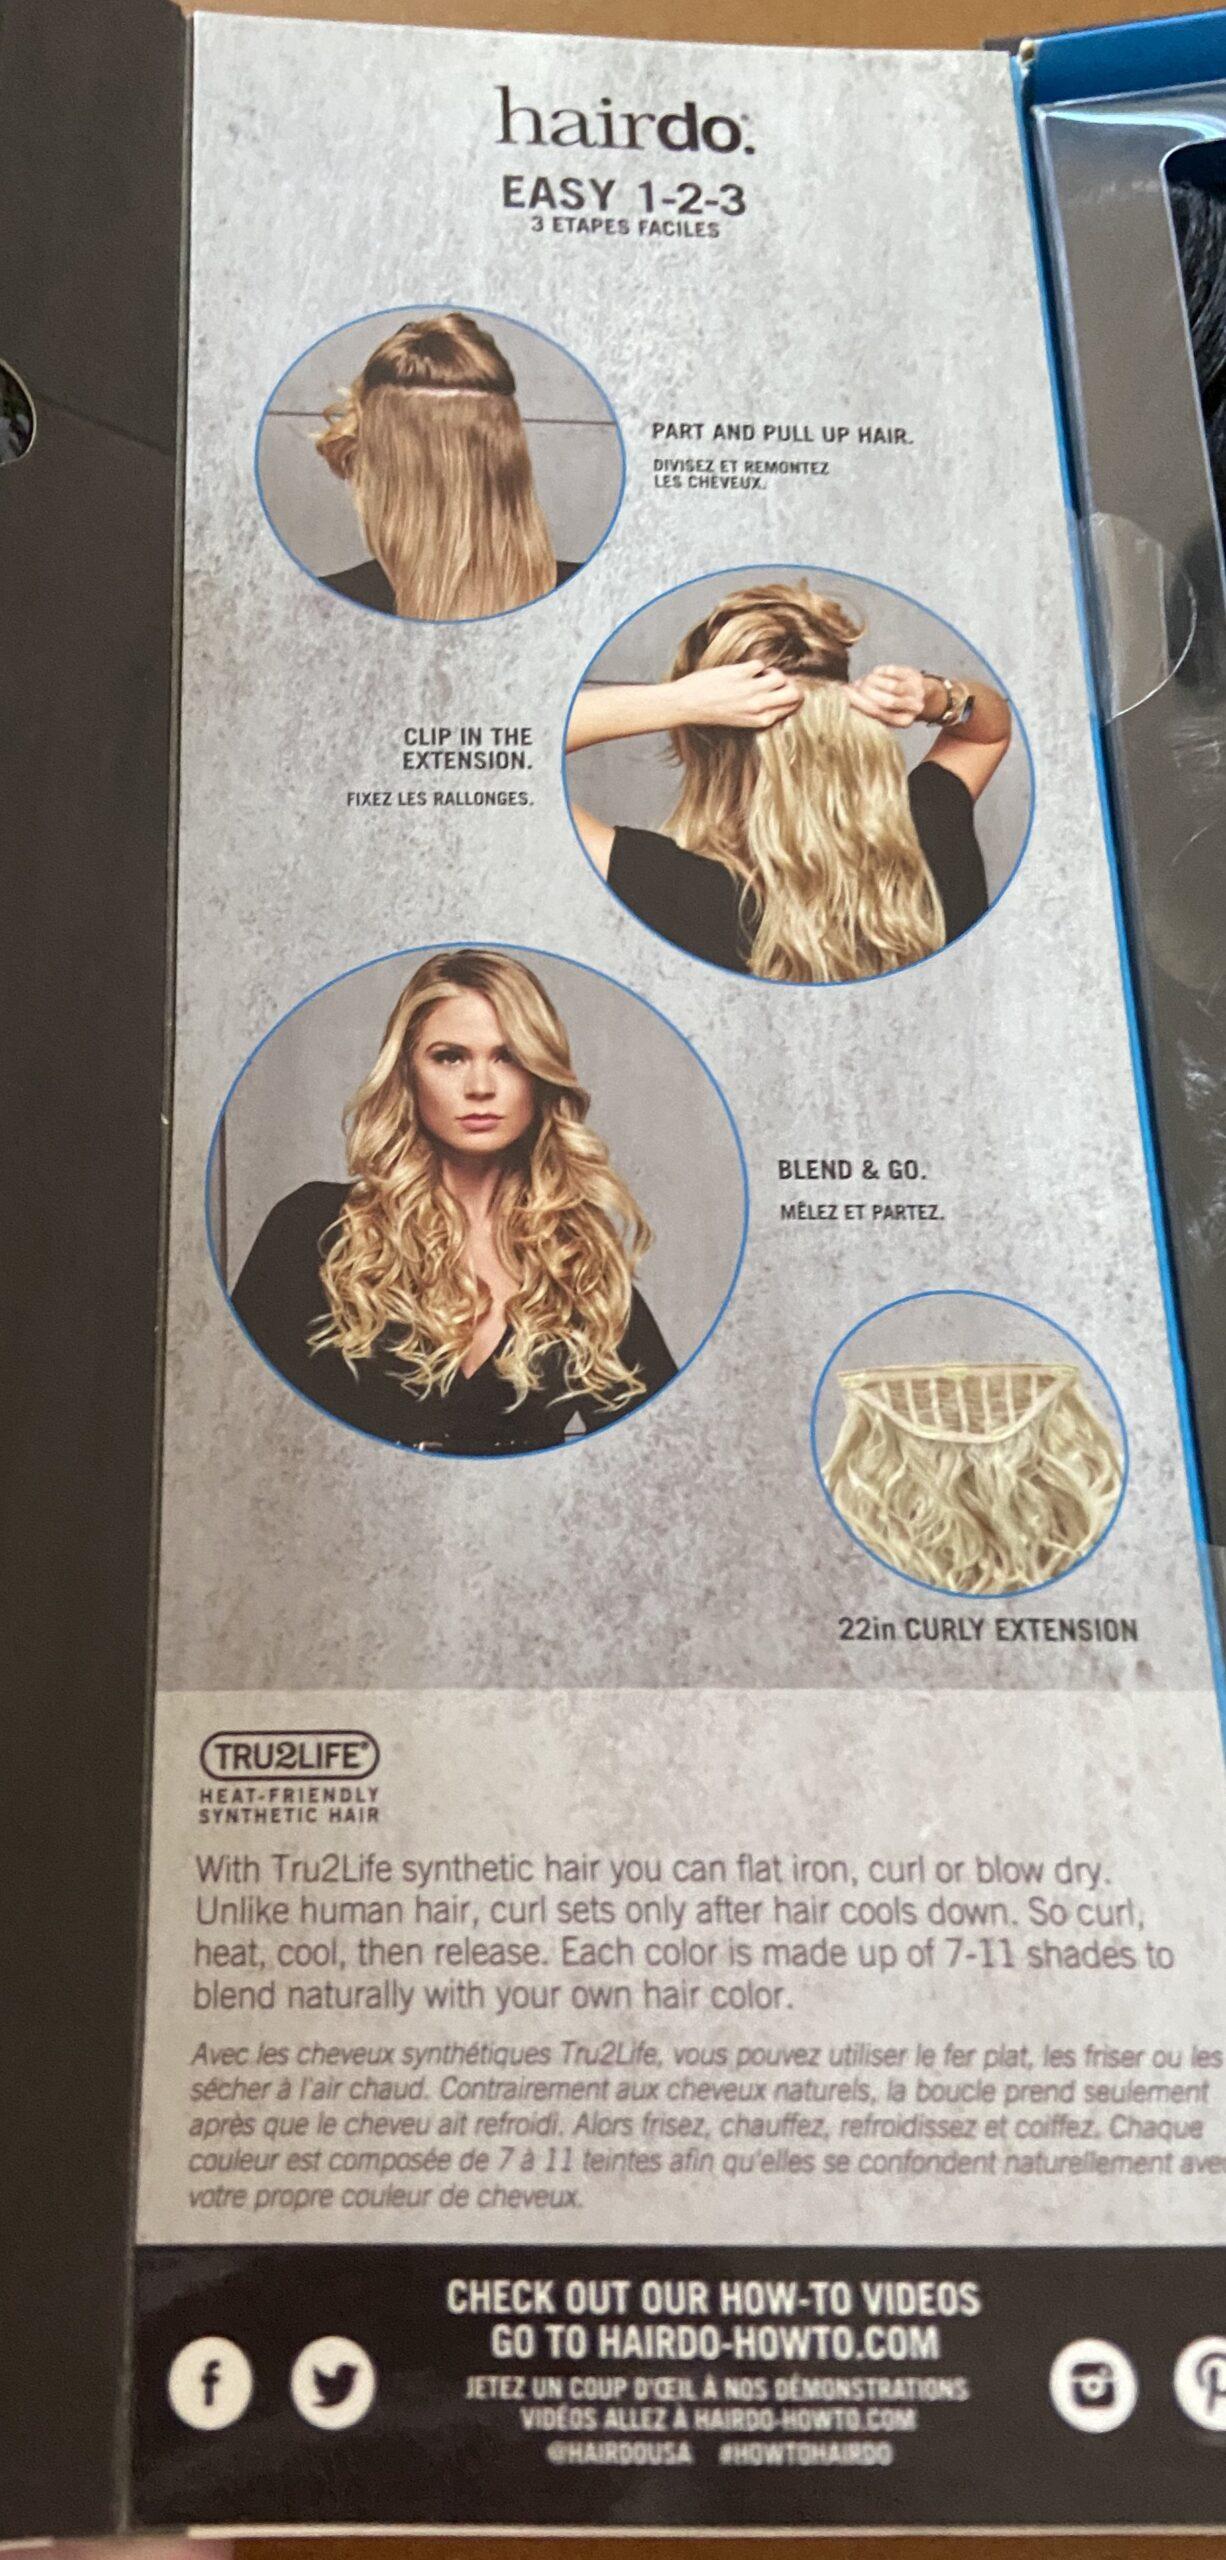 Mit Tru2Life-Kunsthaar können Sie flach bügeln, locken oder föhnen. Im Gegensatz zu menschlichem Haar setzt die Locke erst nach dem Abkühlen des Haares ein. Also kräuseln, erhitzen, abkühlen lassen und dann loslassen. Jede Farbe besteht aus 7 - 11 Farbtönen, die sich auf natürliche Weise in Ihre eigene Haarfarbe einfügen.